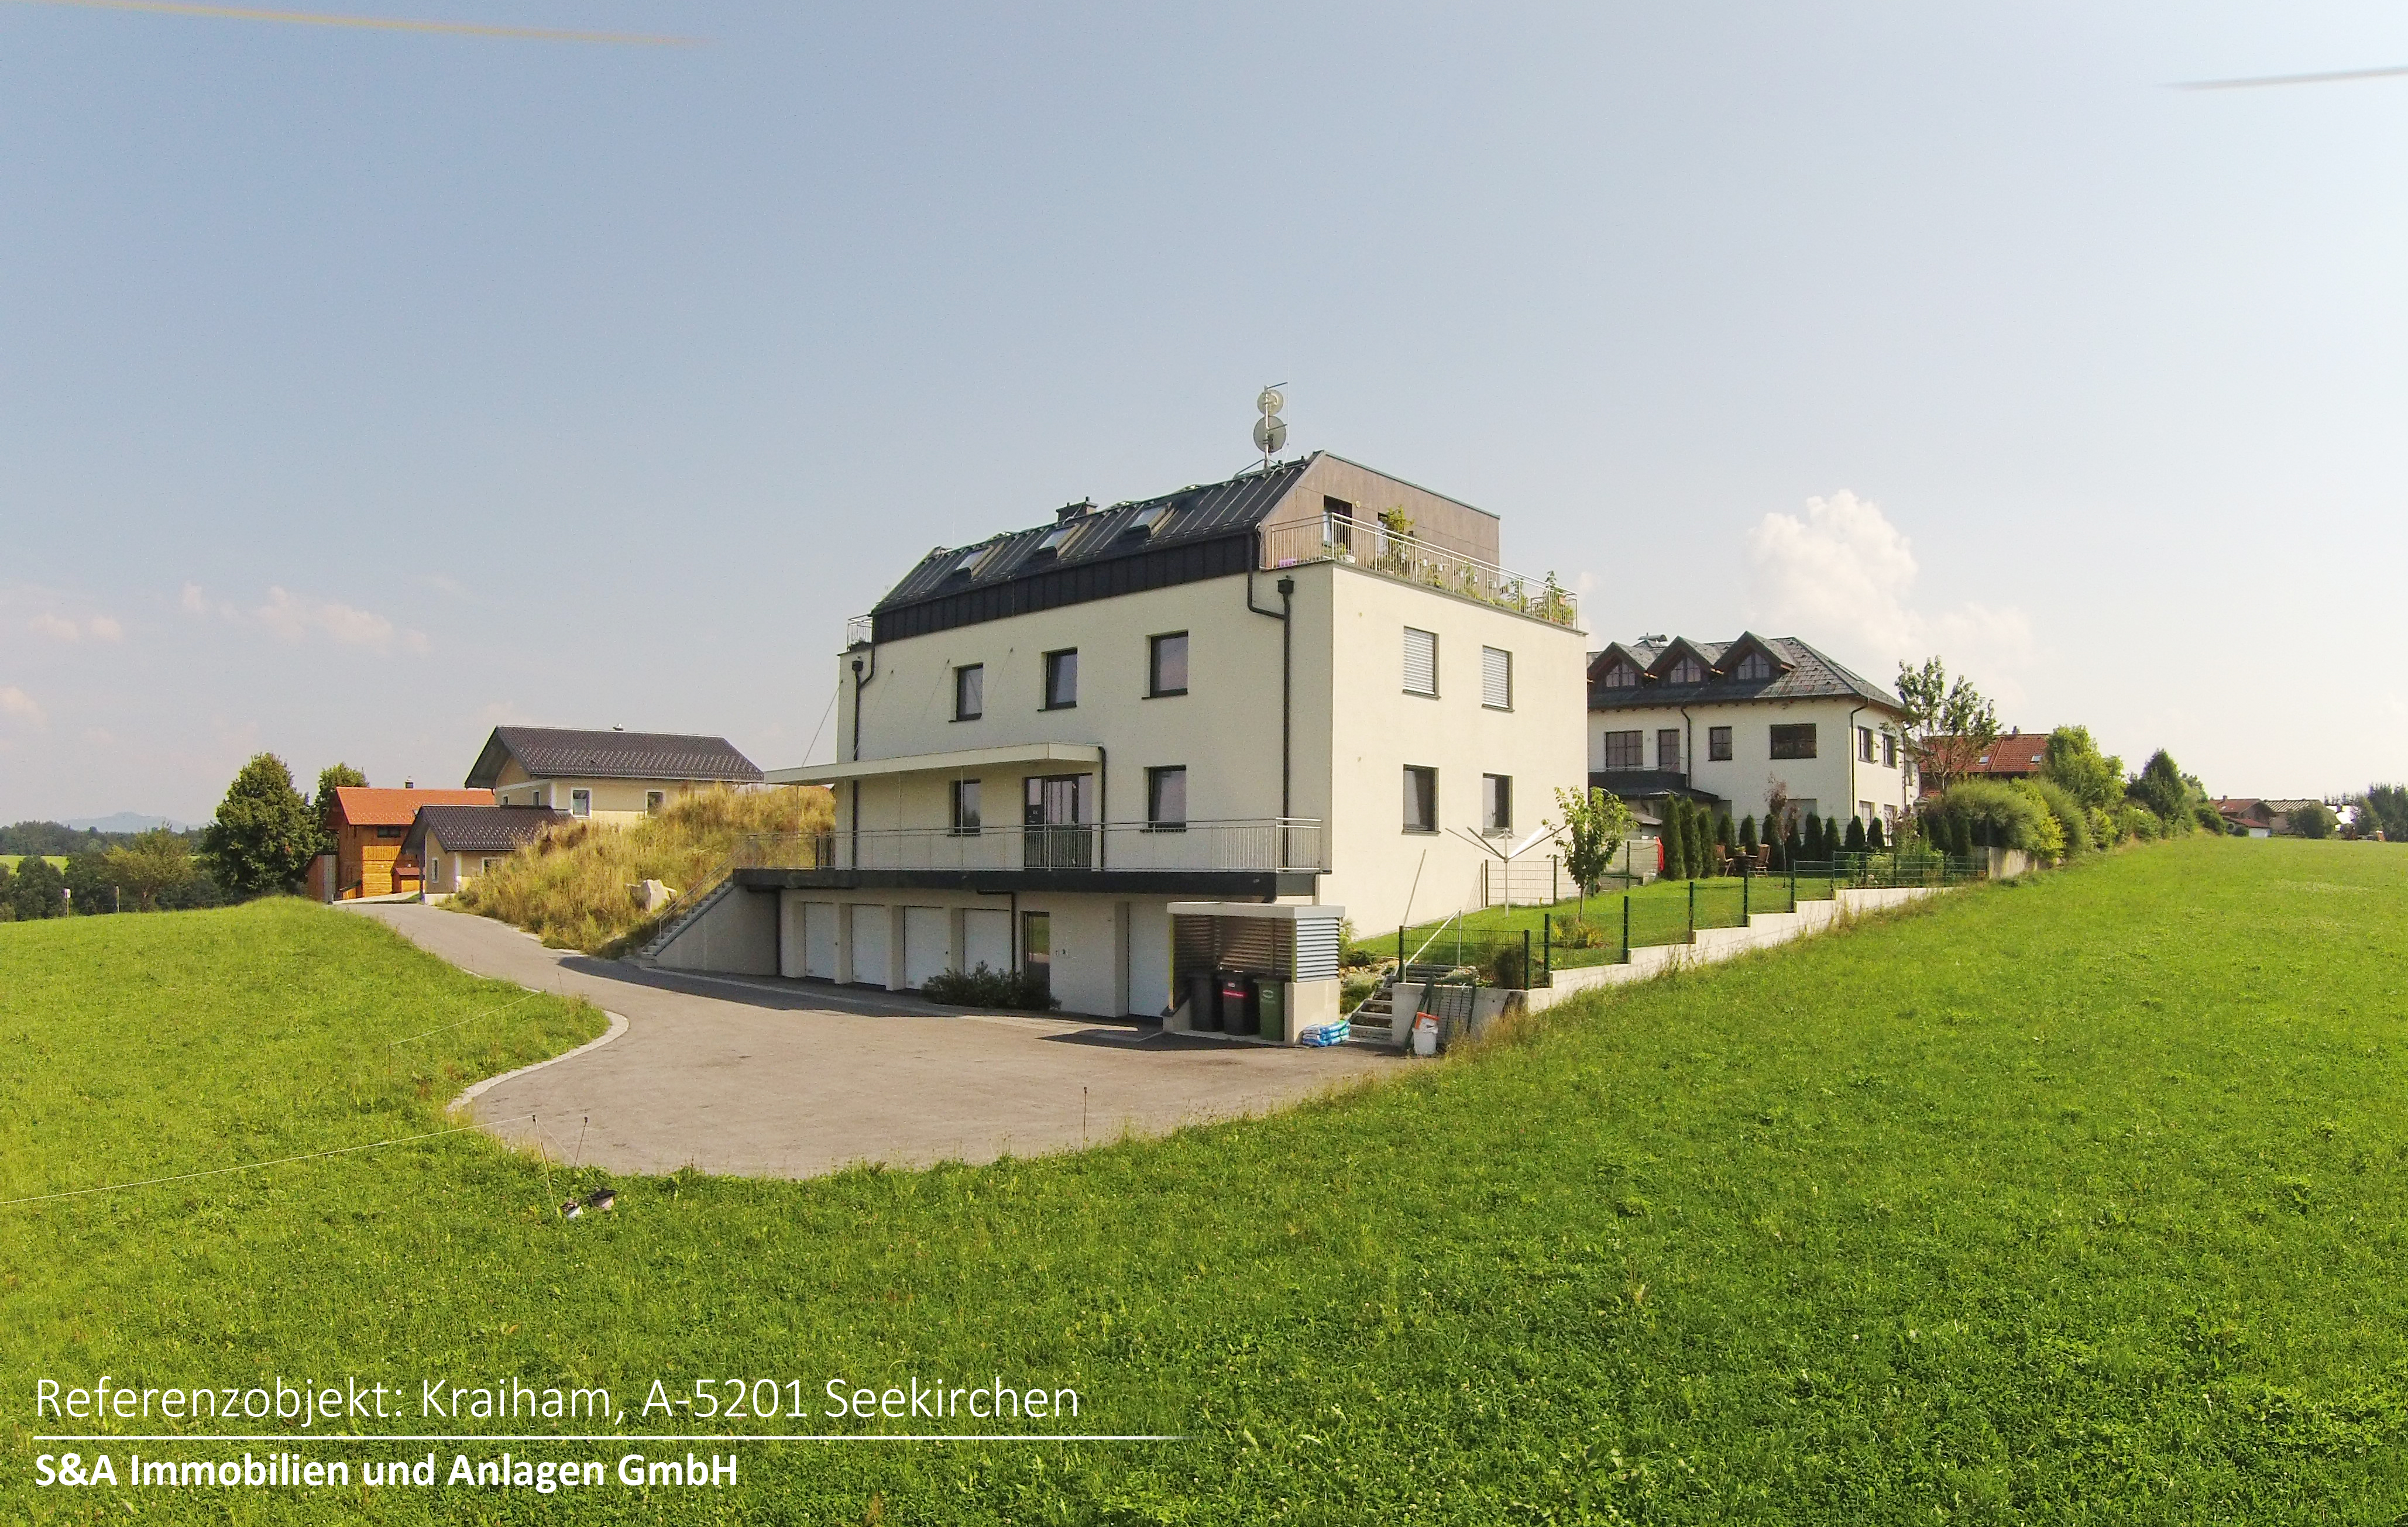 S&A Immobilien und Anlagen, Projekt